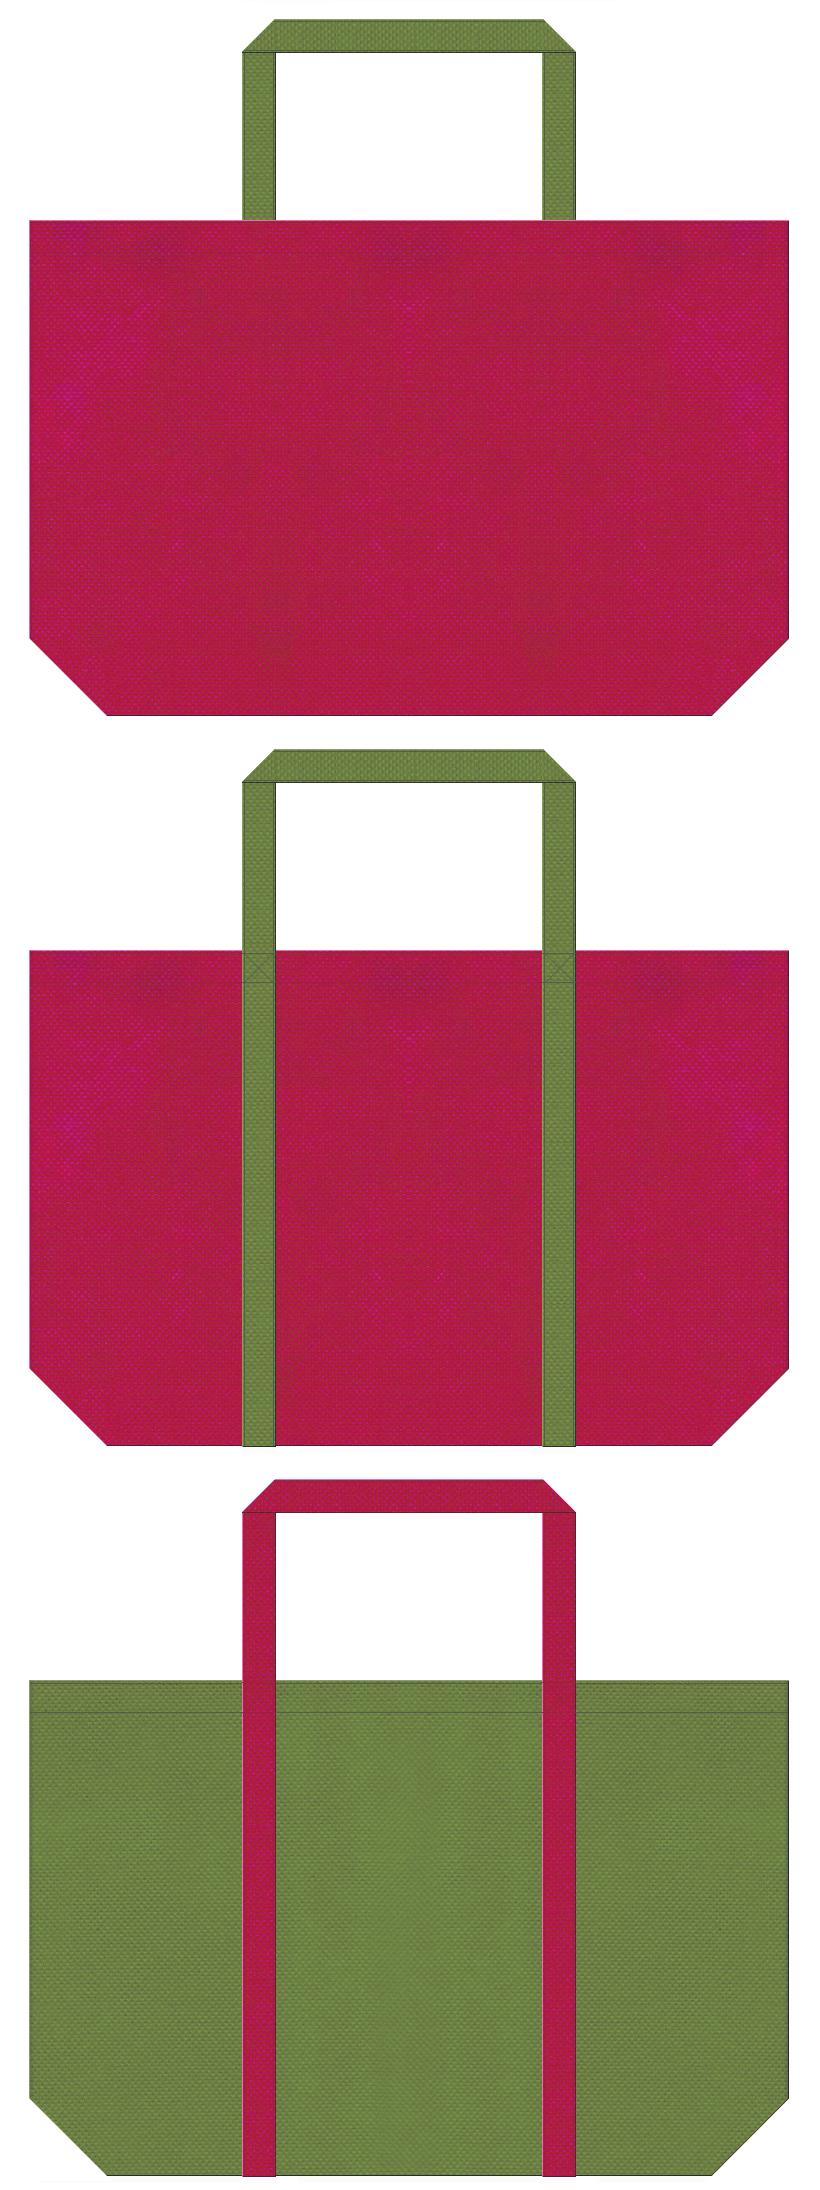 梅・メジロ・草履・着物・帯・和雑貨・和風催事のノベルティにお奨めの不織布バッグデザイン:濃いピンク色と草色のコーデ